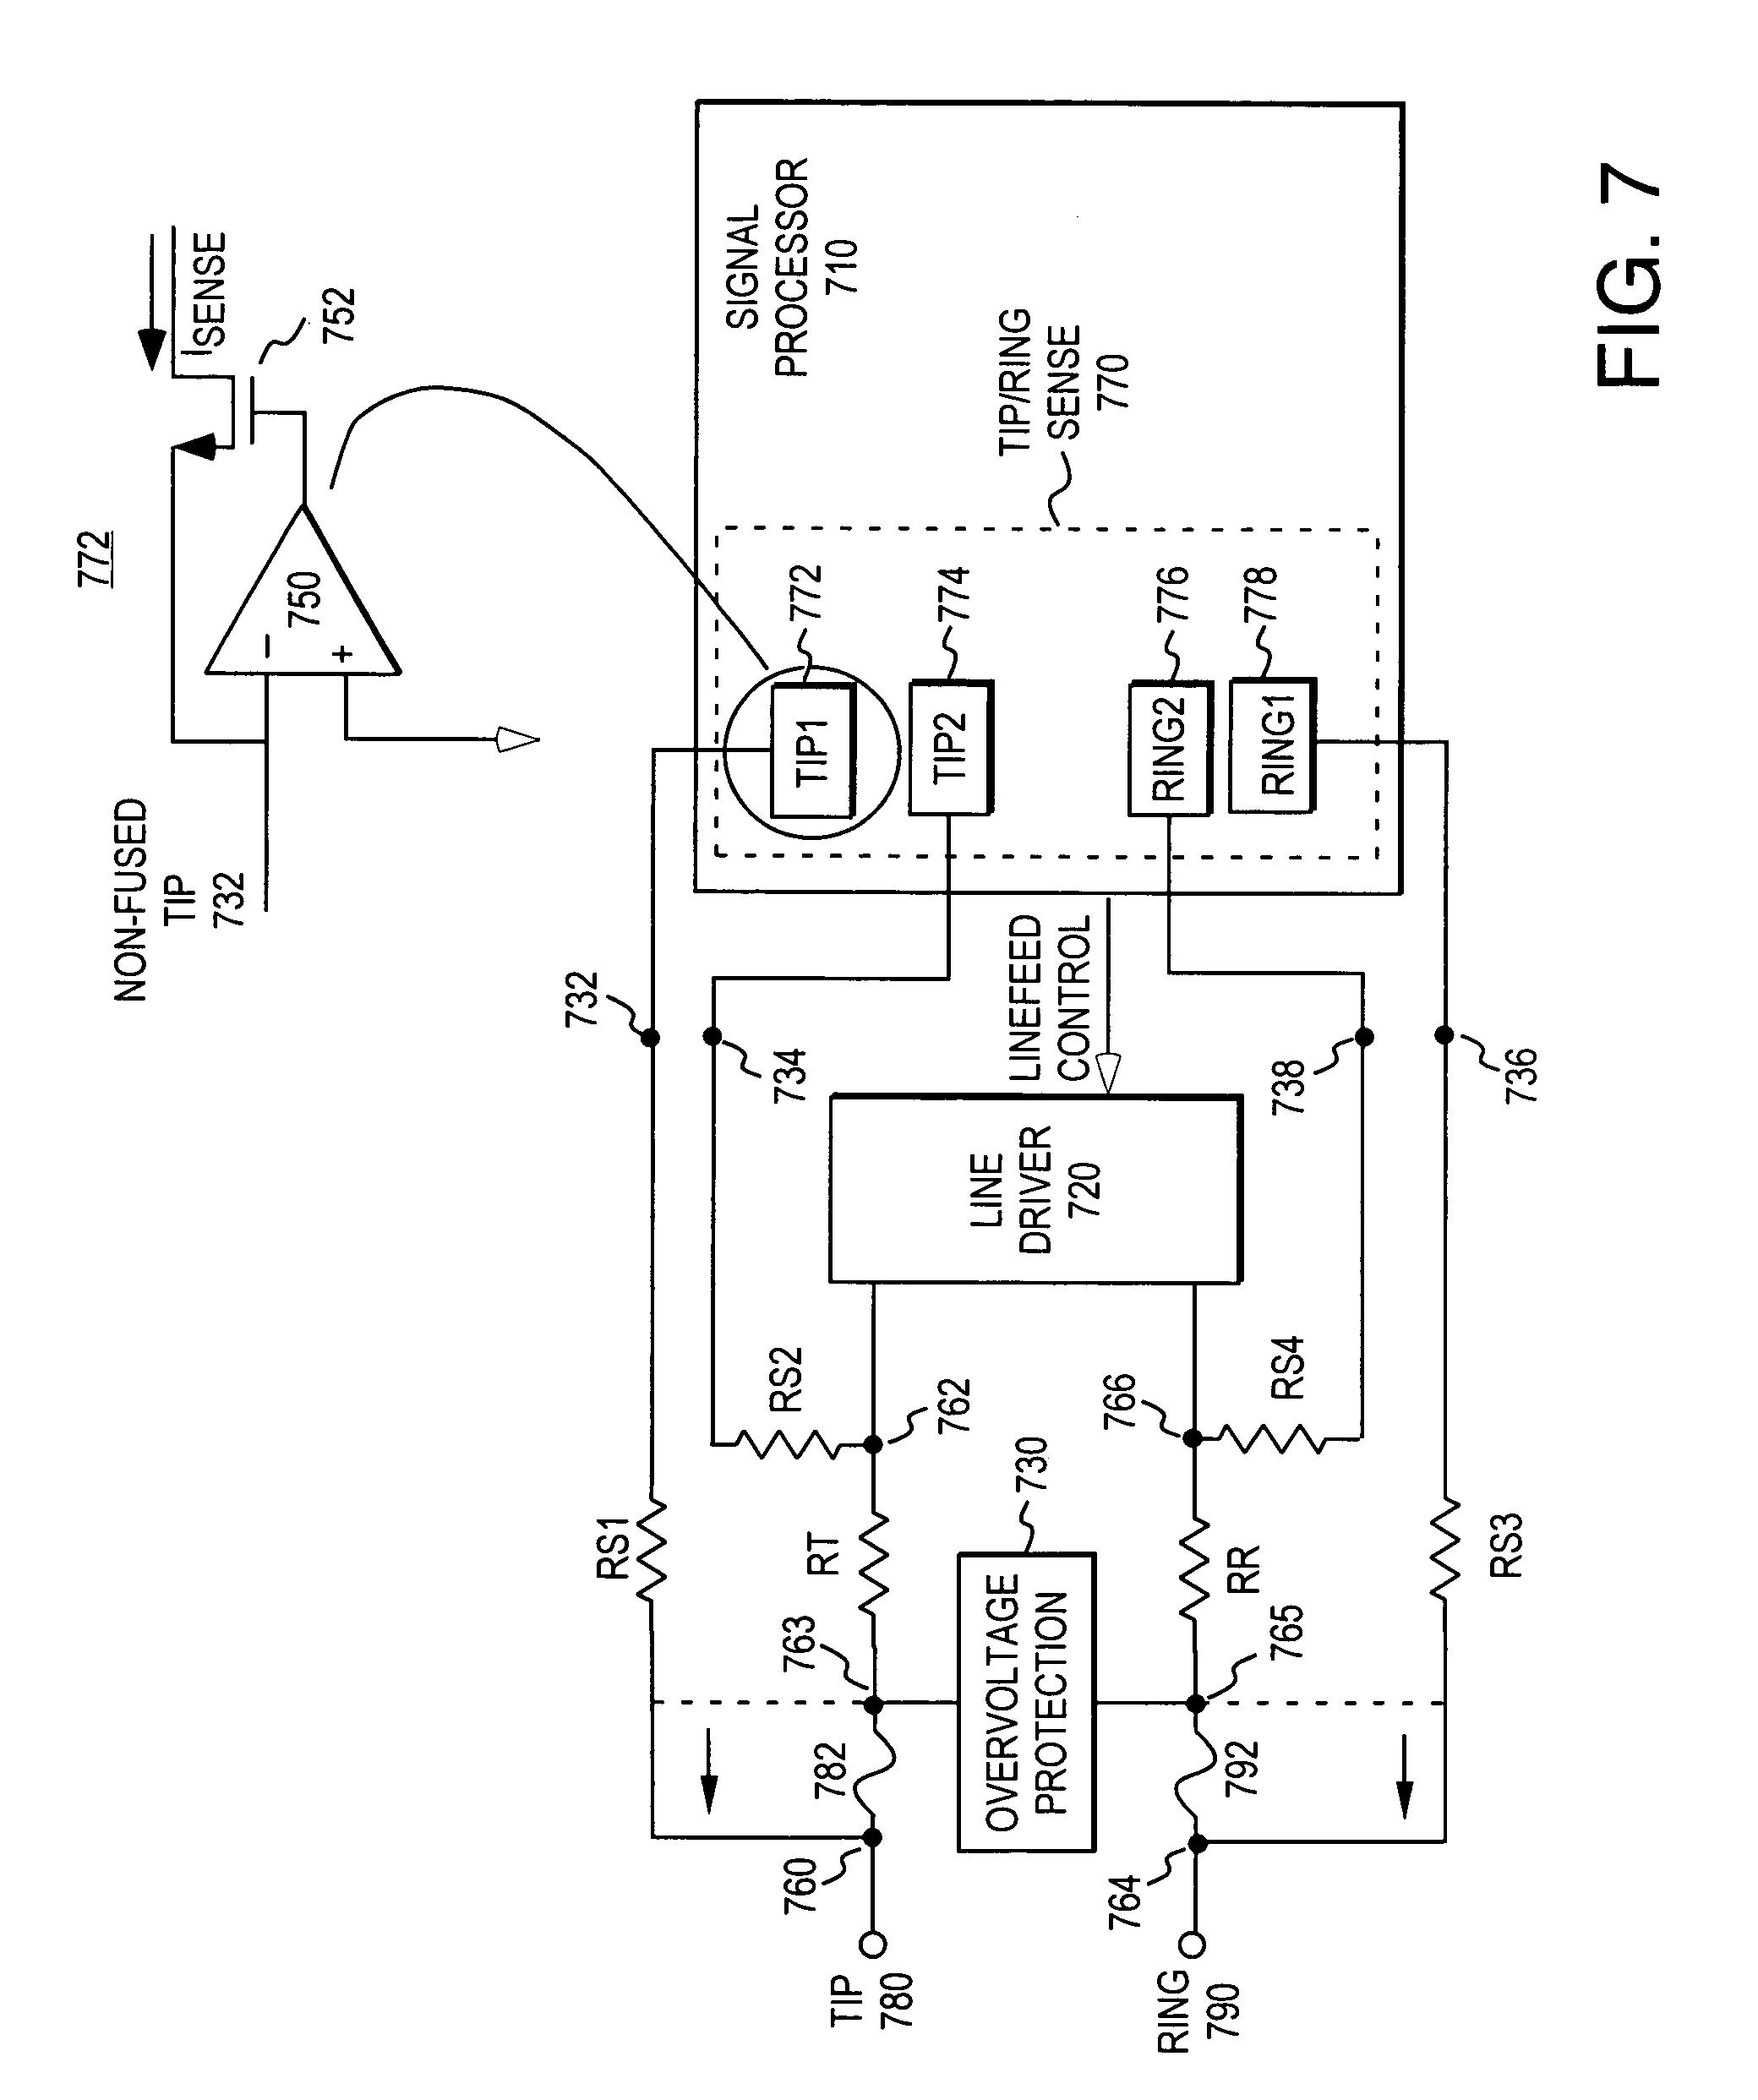 patent us7158633